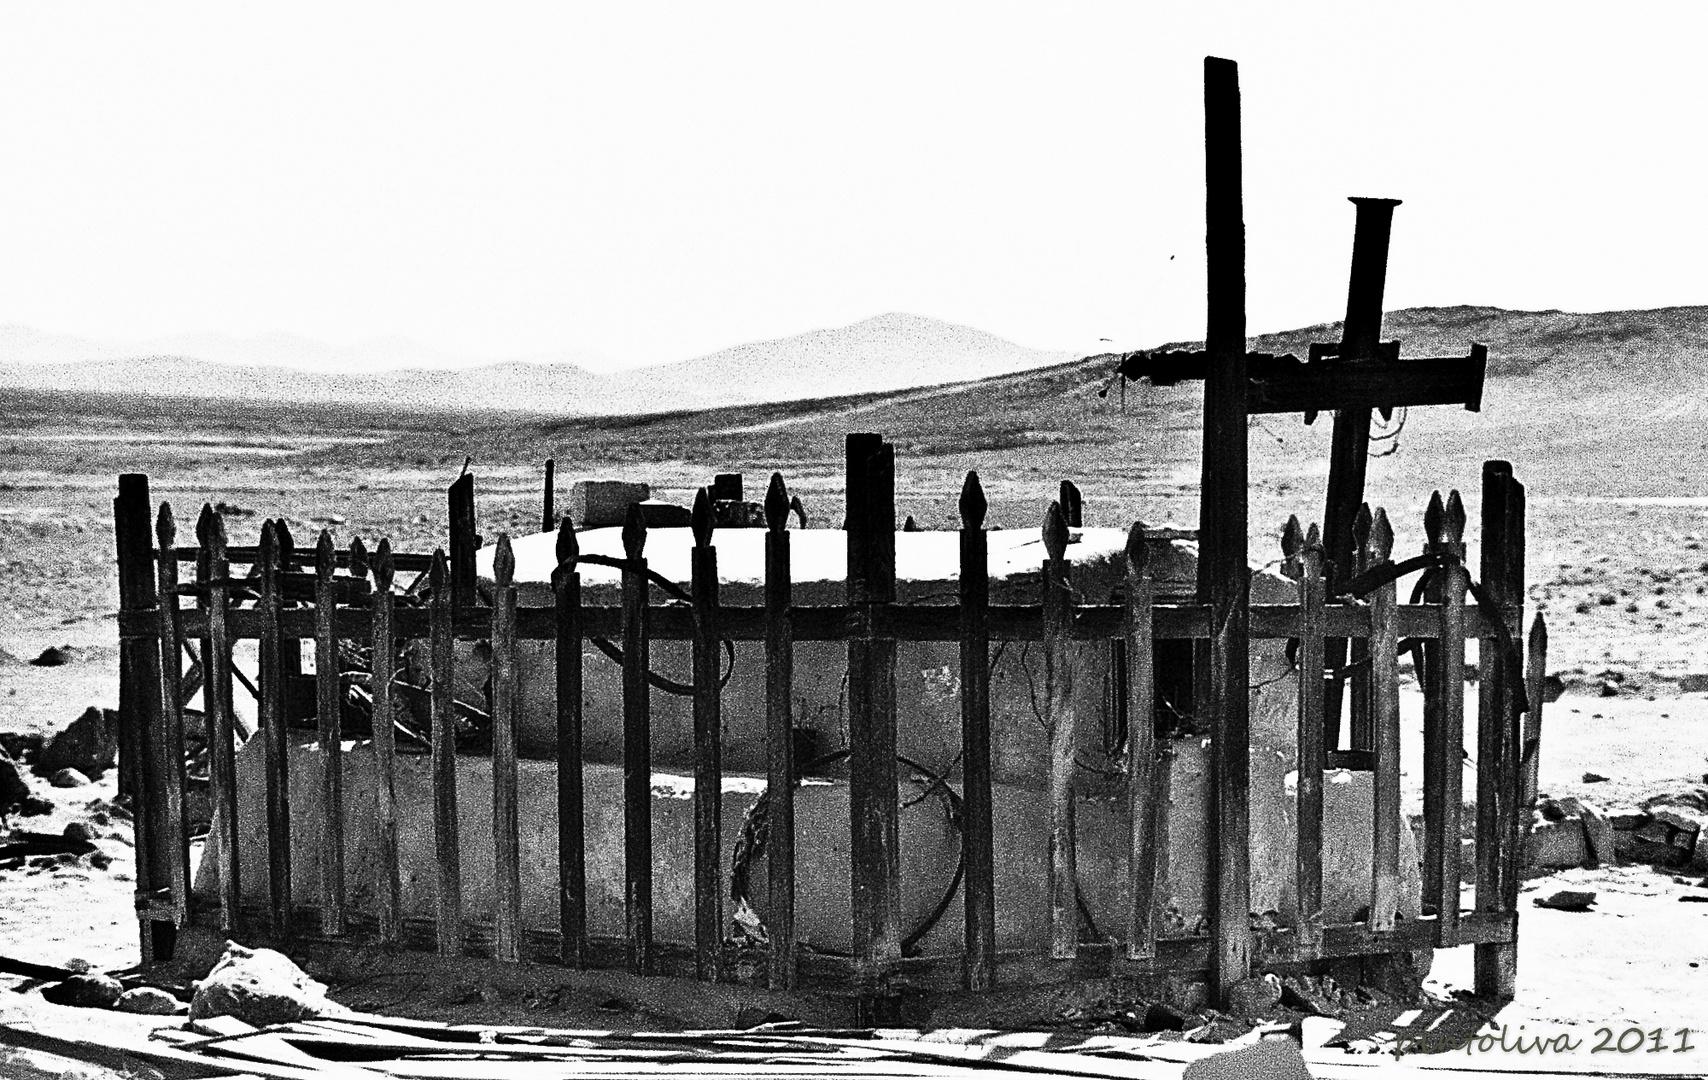 Tumba en medio del desierto